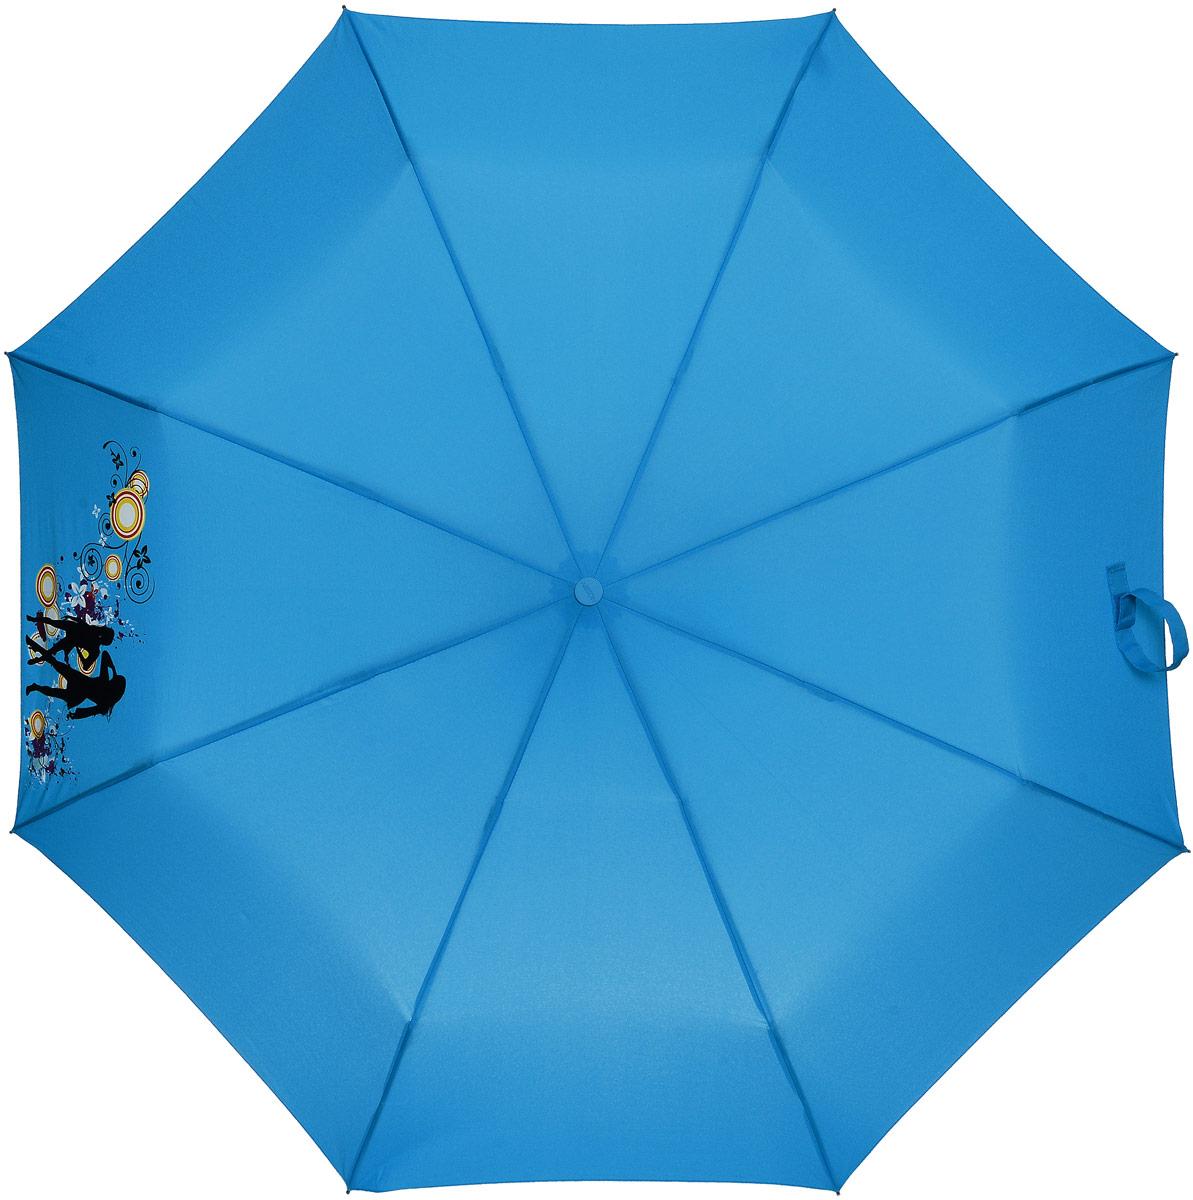 Зонт женский Airton, автомат, 3 сложения, цвет: голубой, оранжевый. 3917-228 зонт airton 3917 8028 полный автомат женский